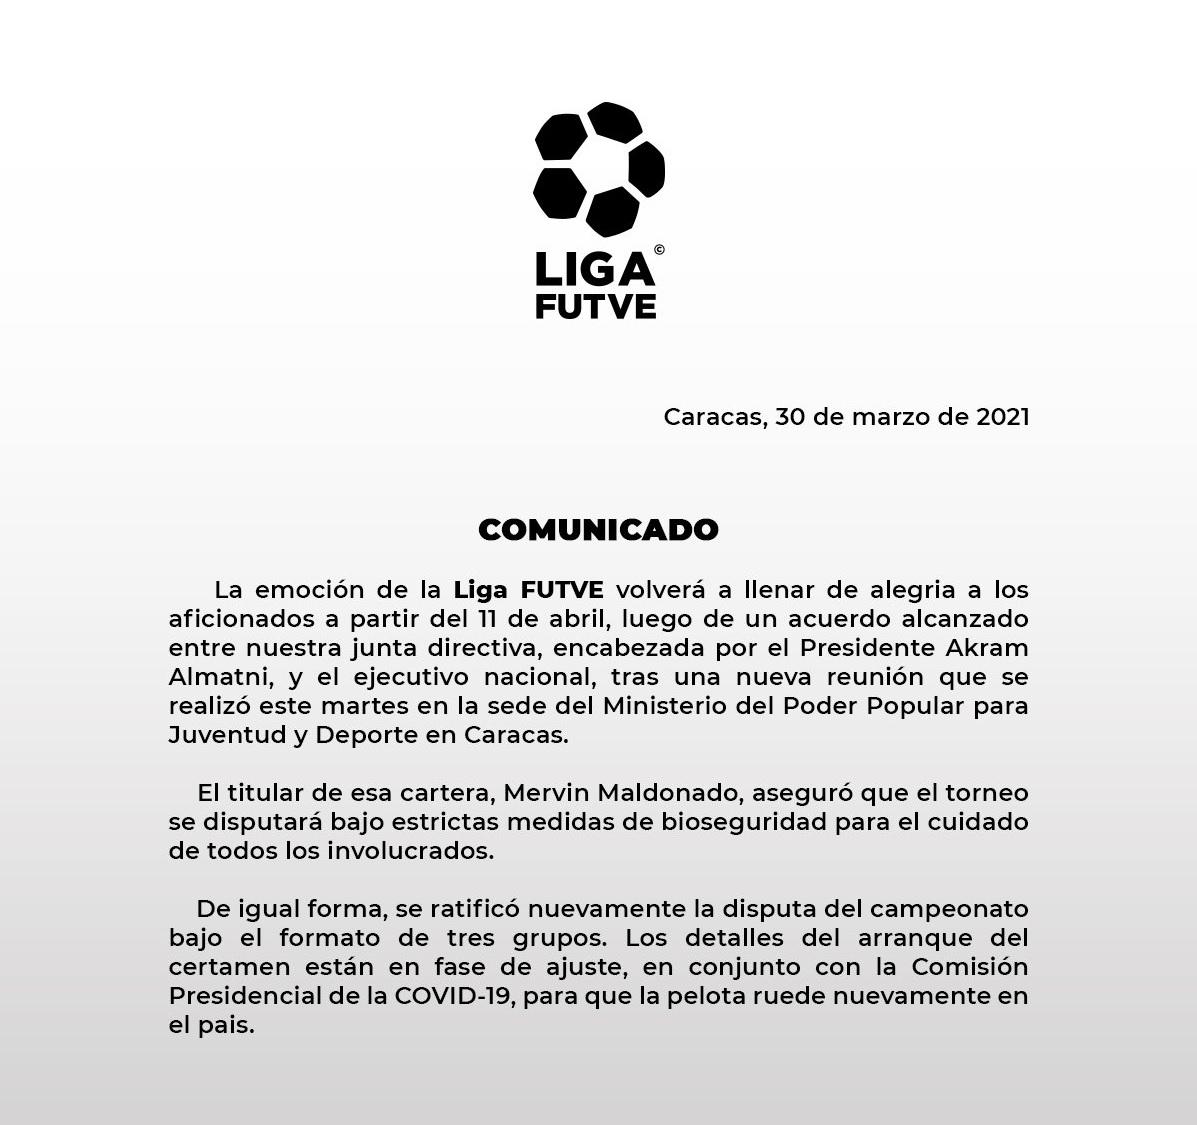 Liga FutVe release 03302021